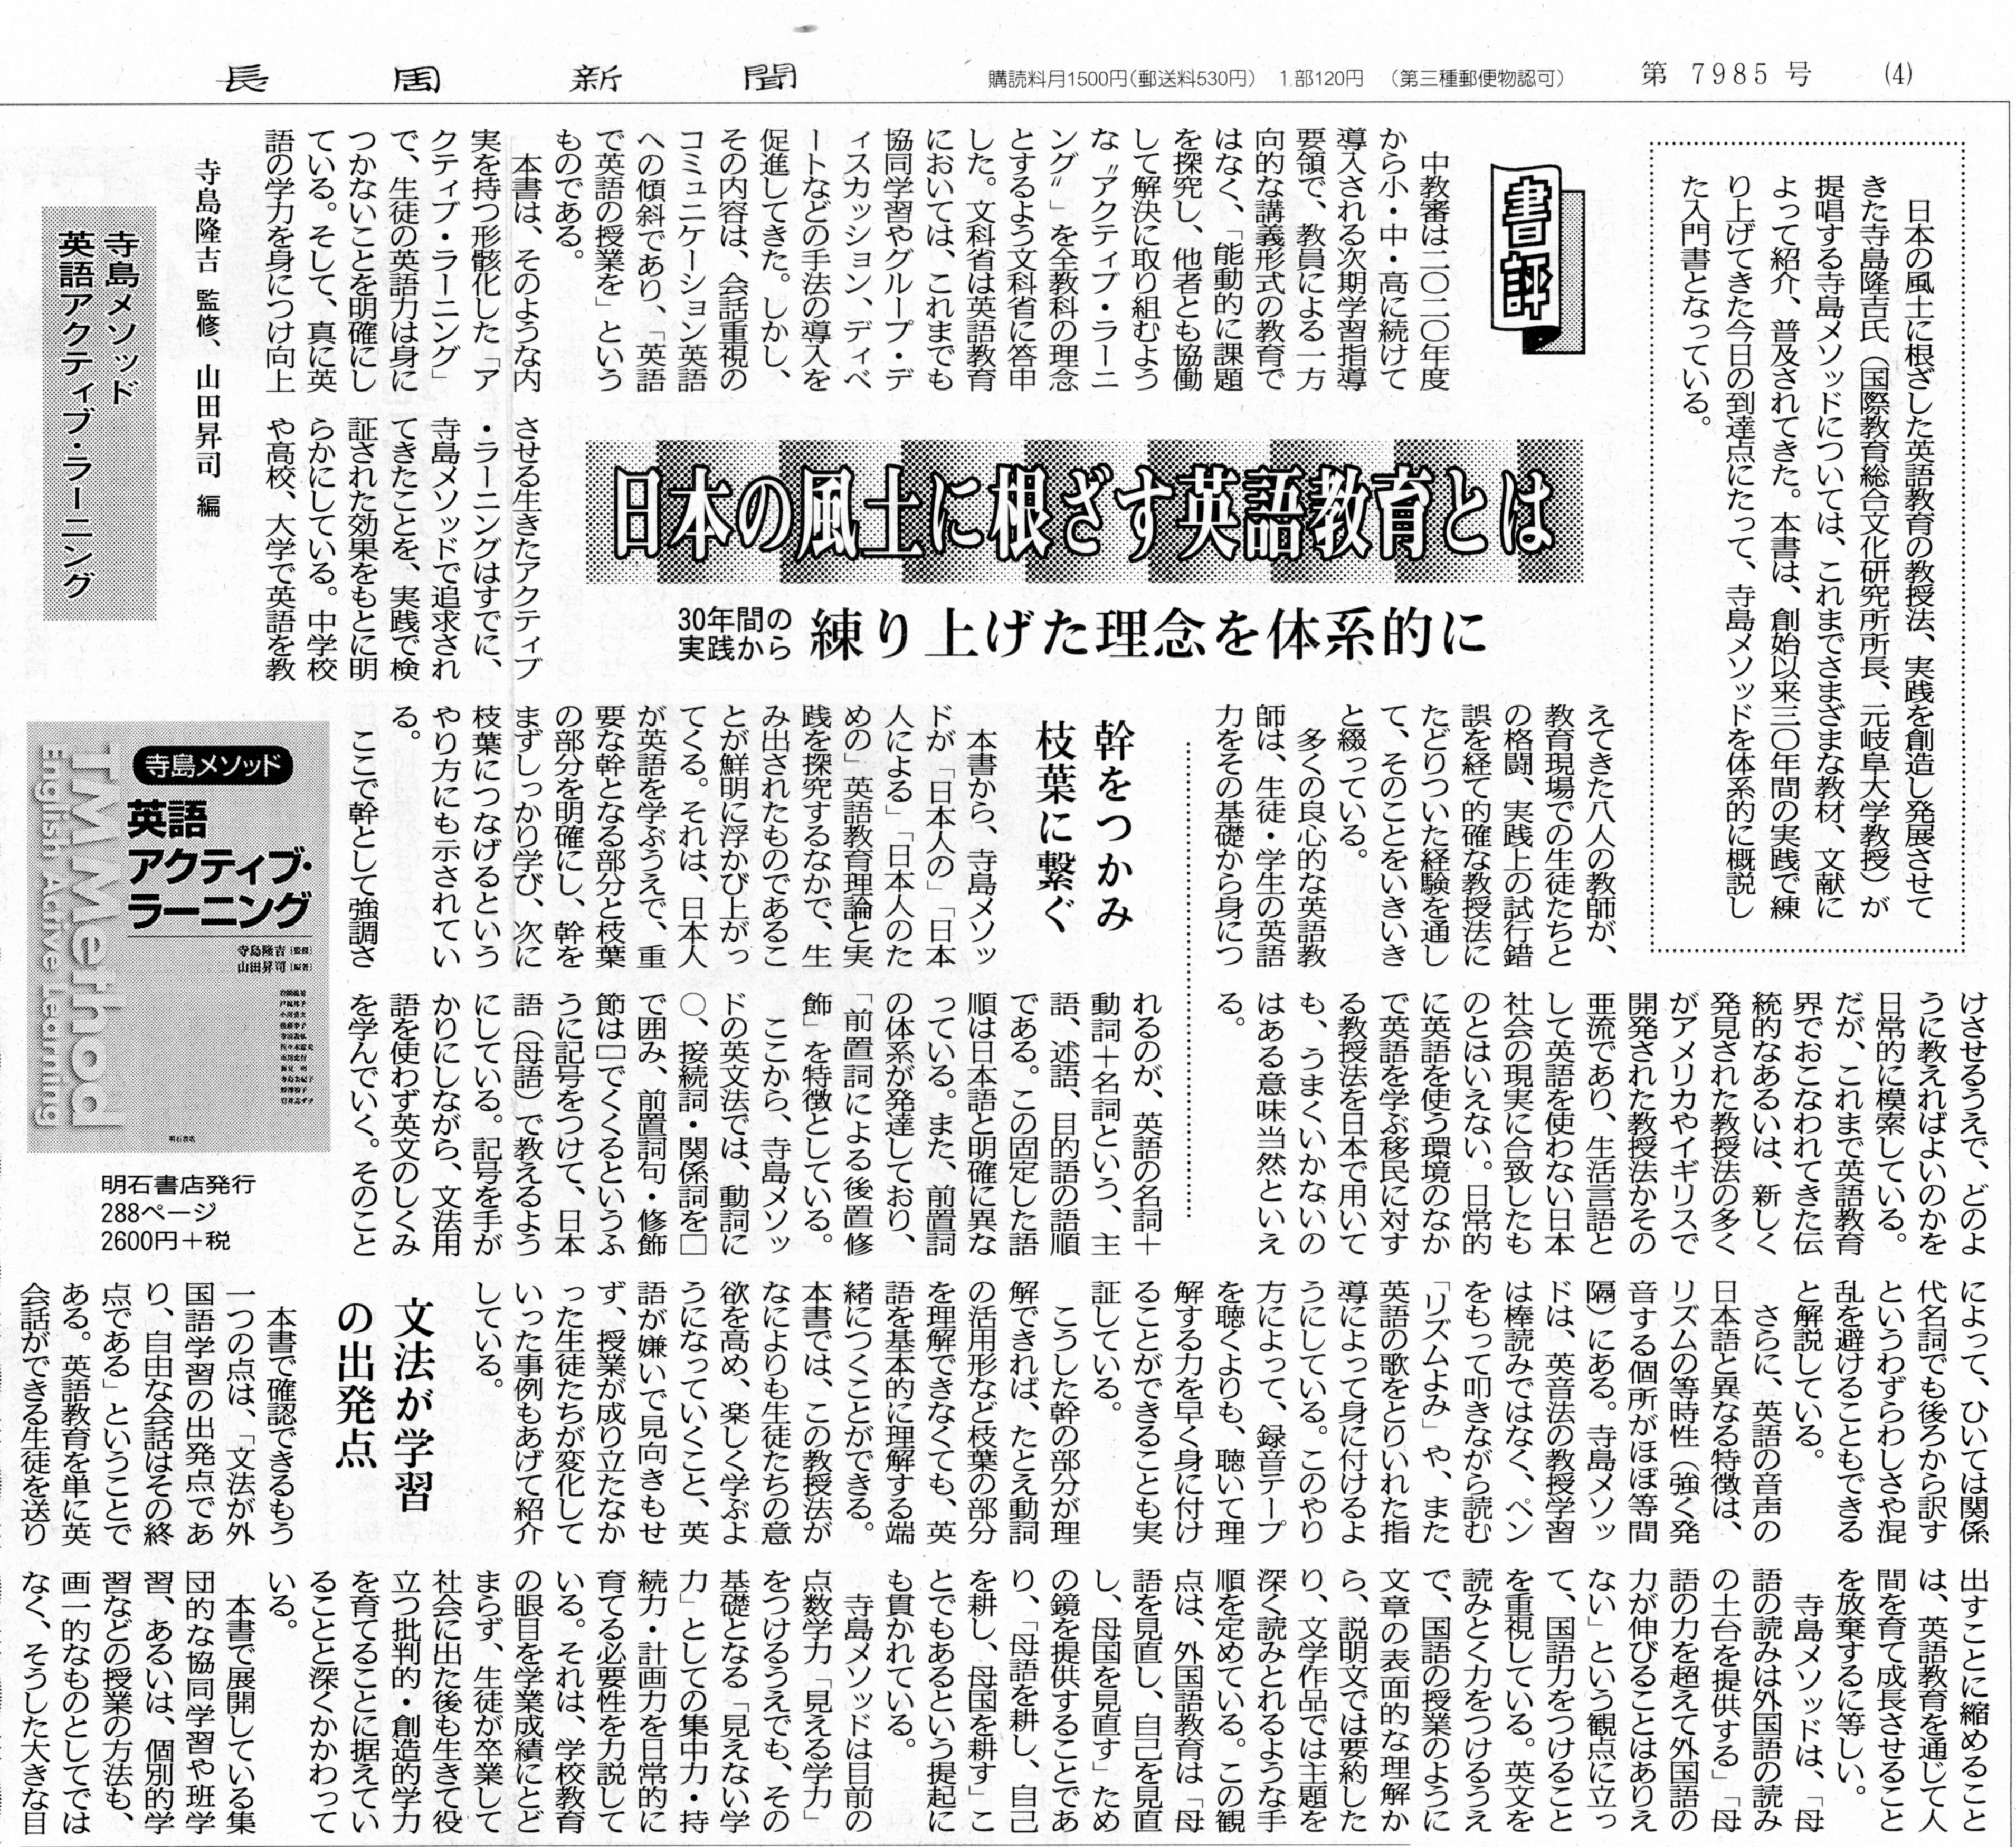 書評『寺島メソッド_英語アクティブラーニング』長周新聞2016年12月28日(1)_convert_20170116204648